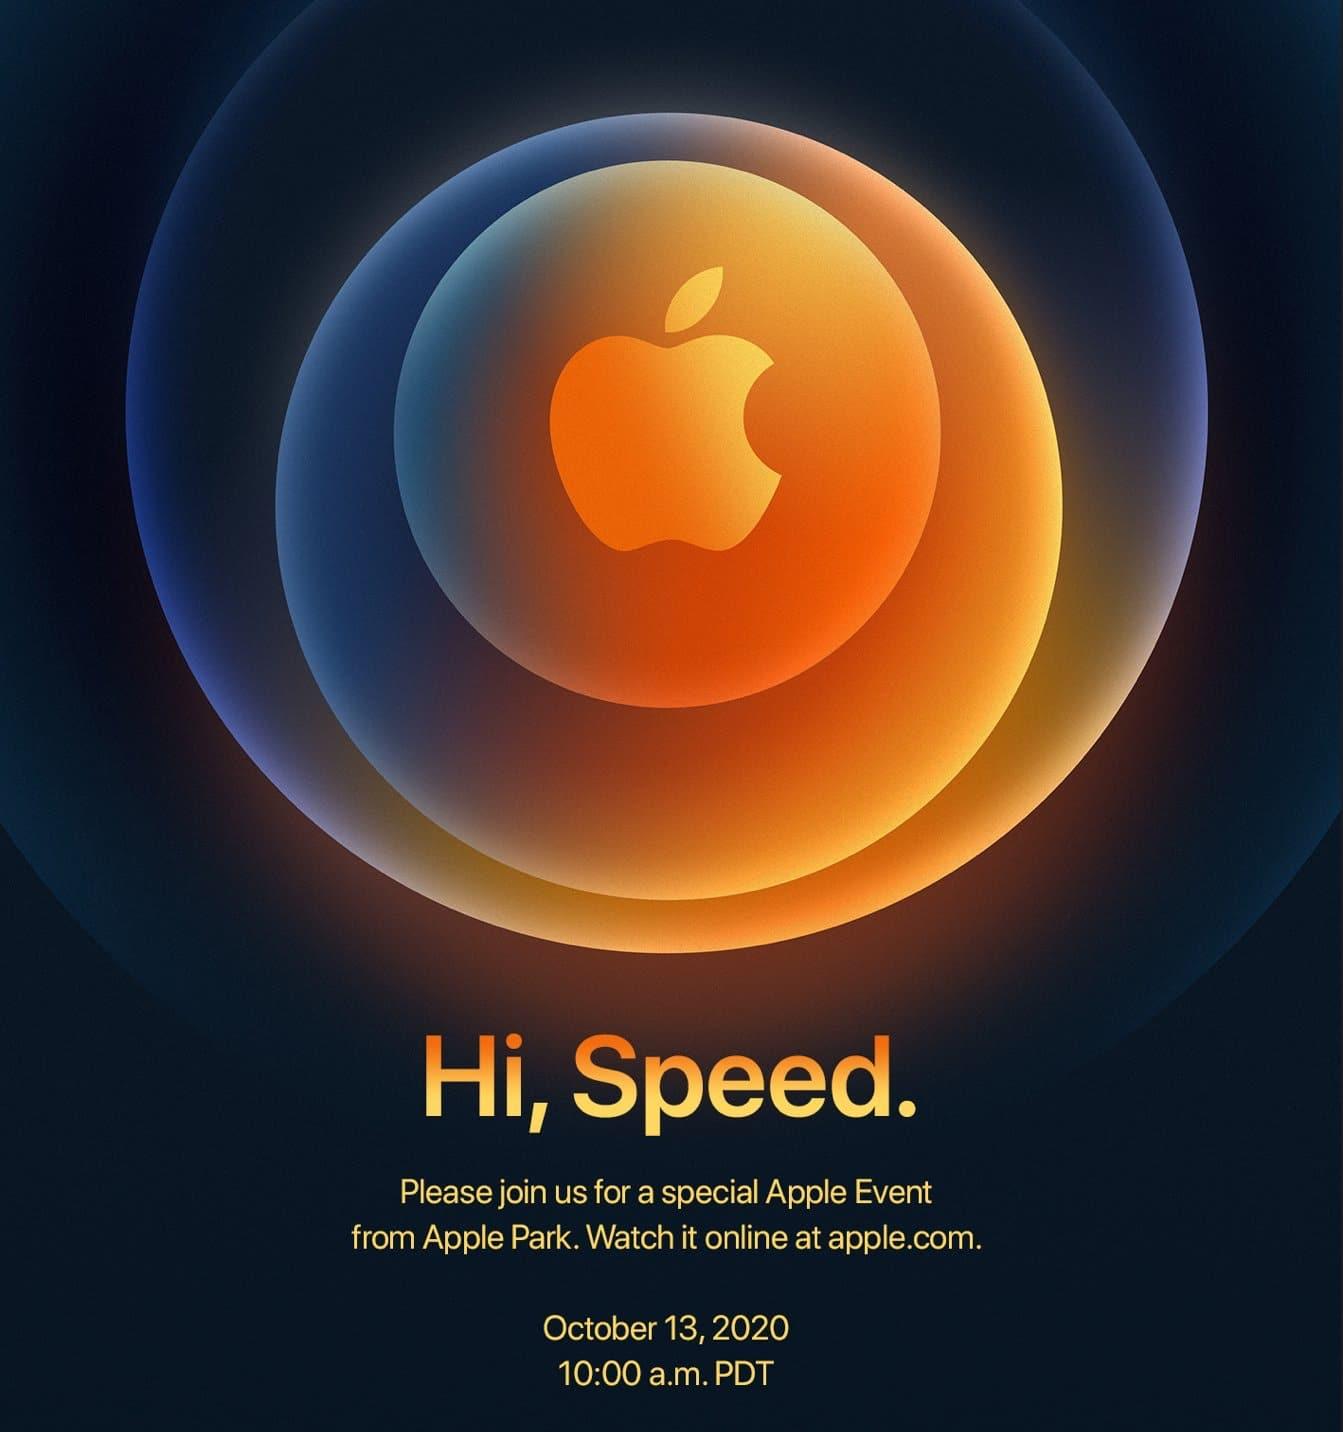 Hi, Speed - convite do evento especial